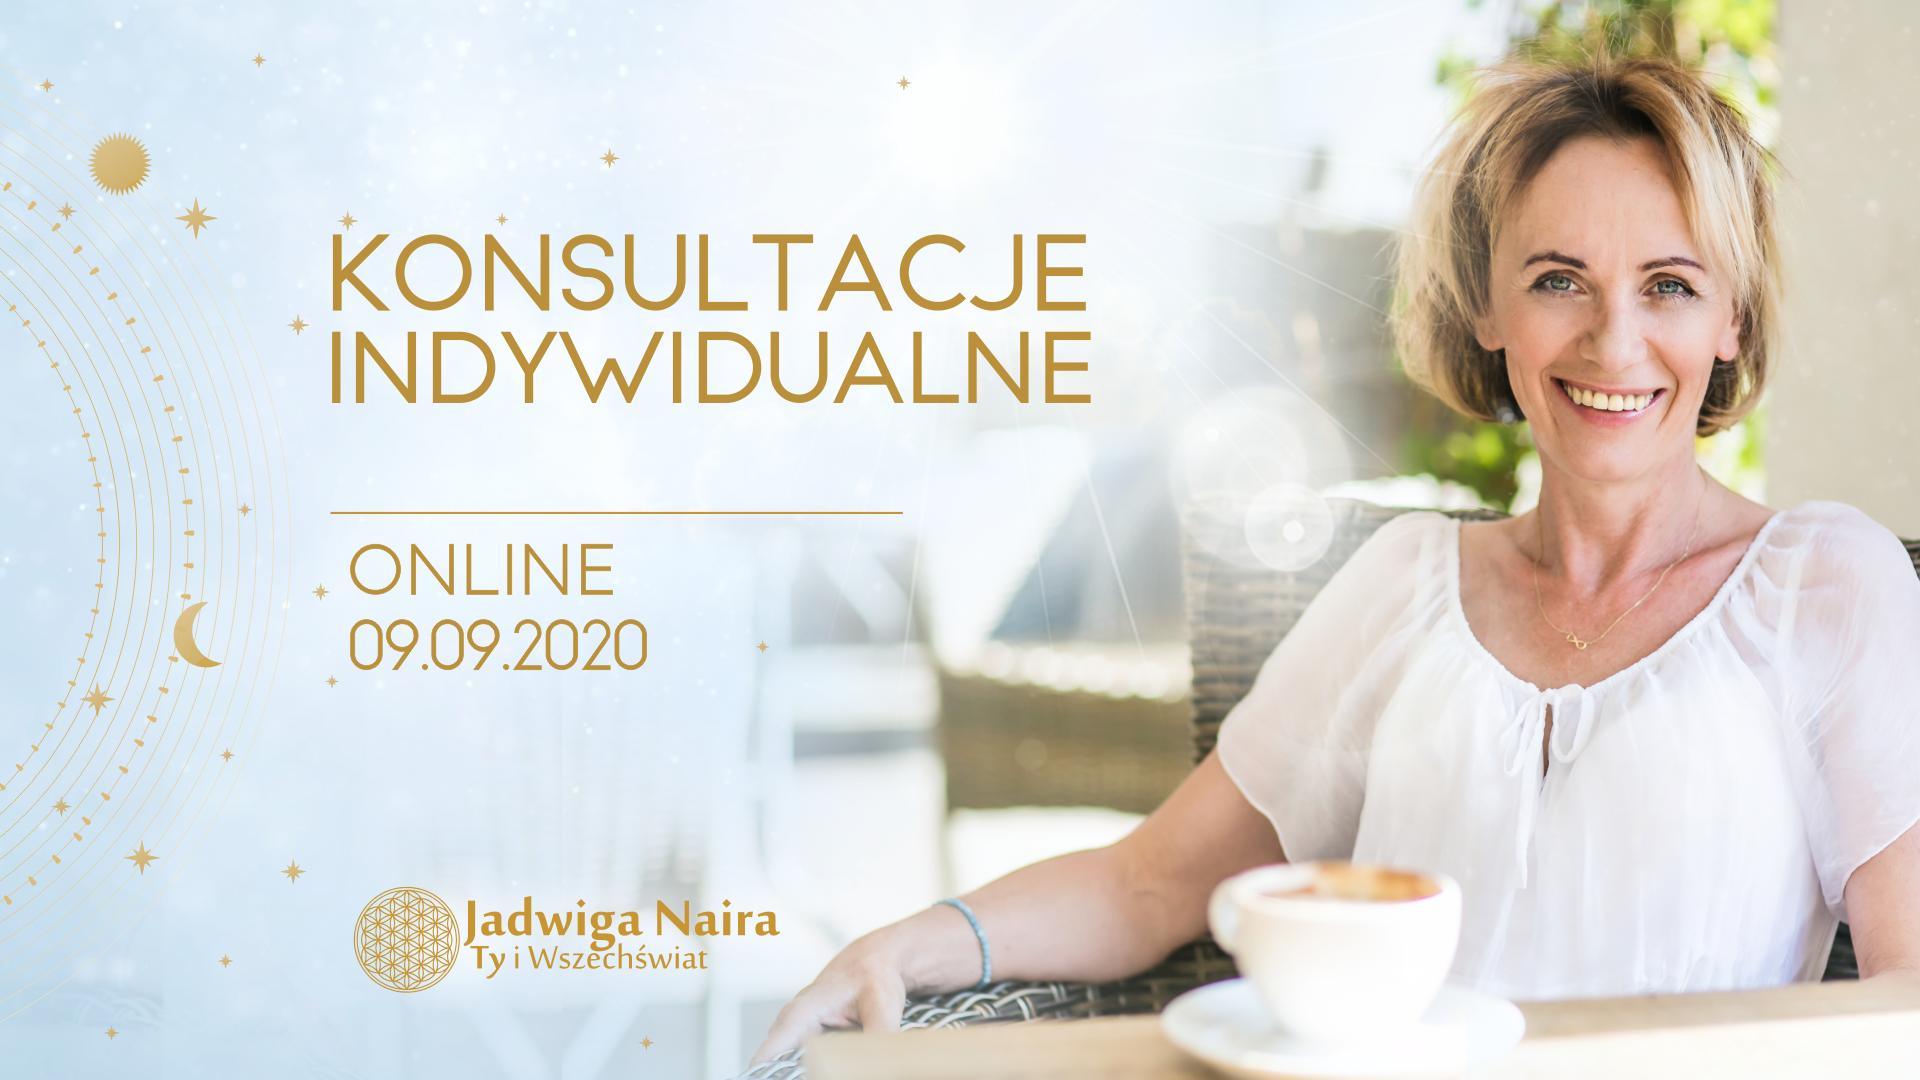 Konsultacje indywidualne online z Jadwigą Nairą